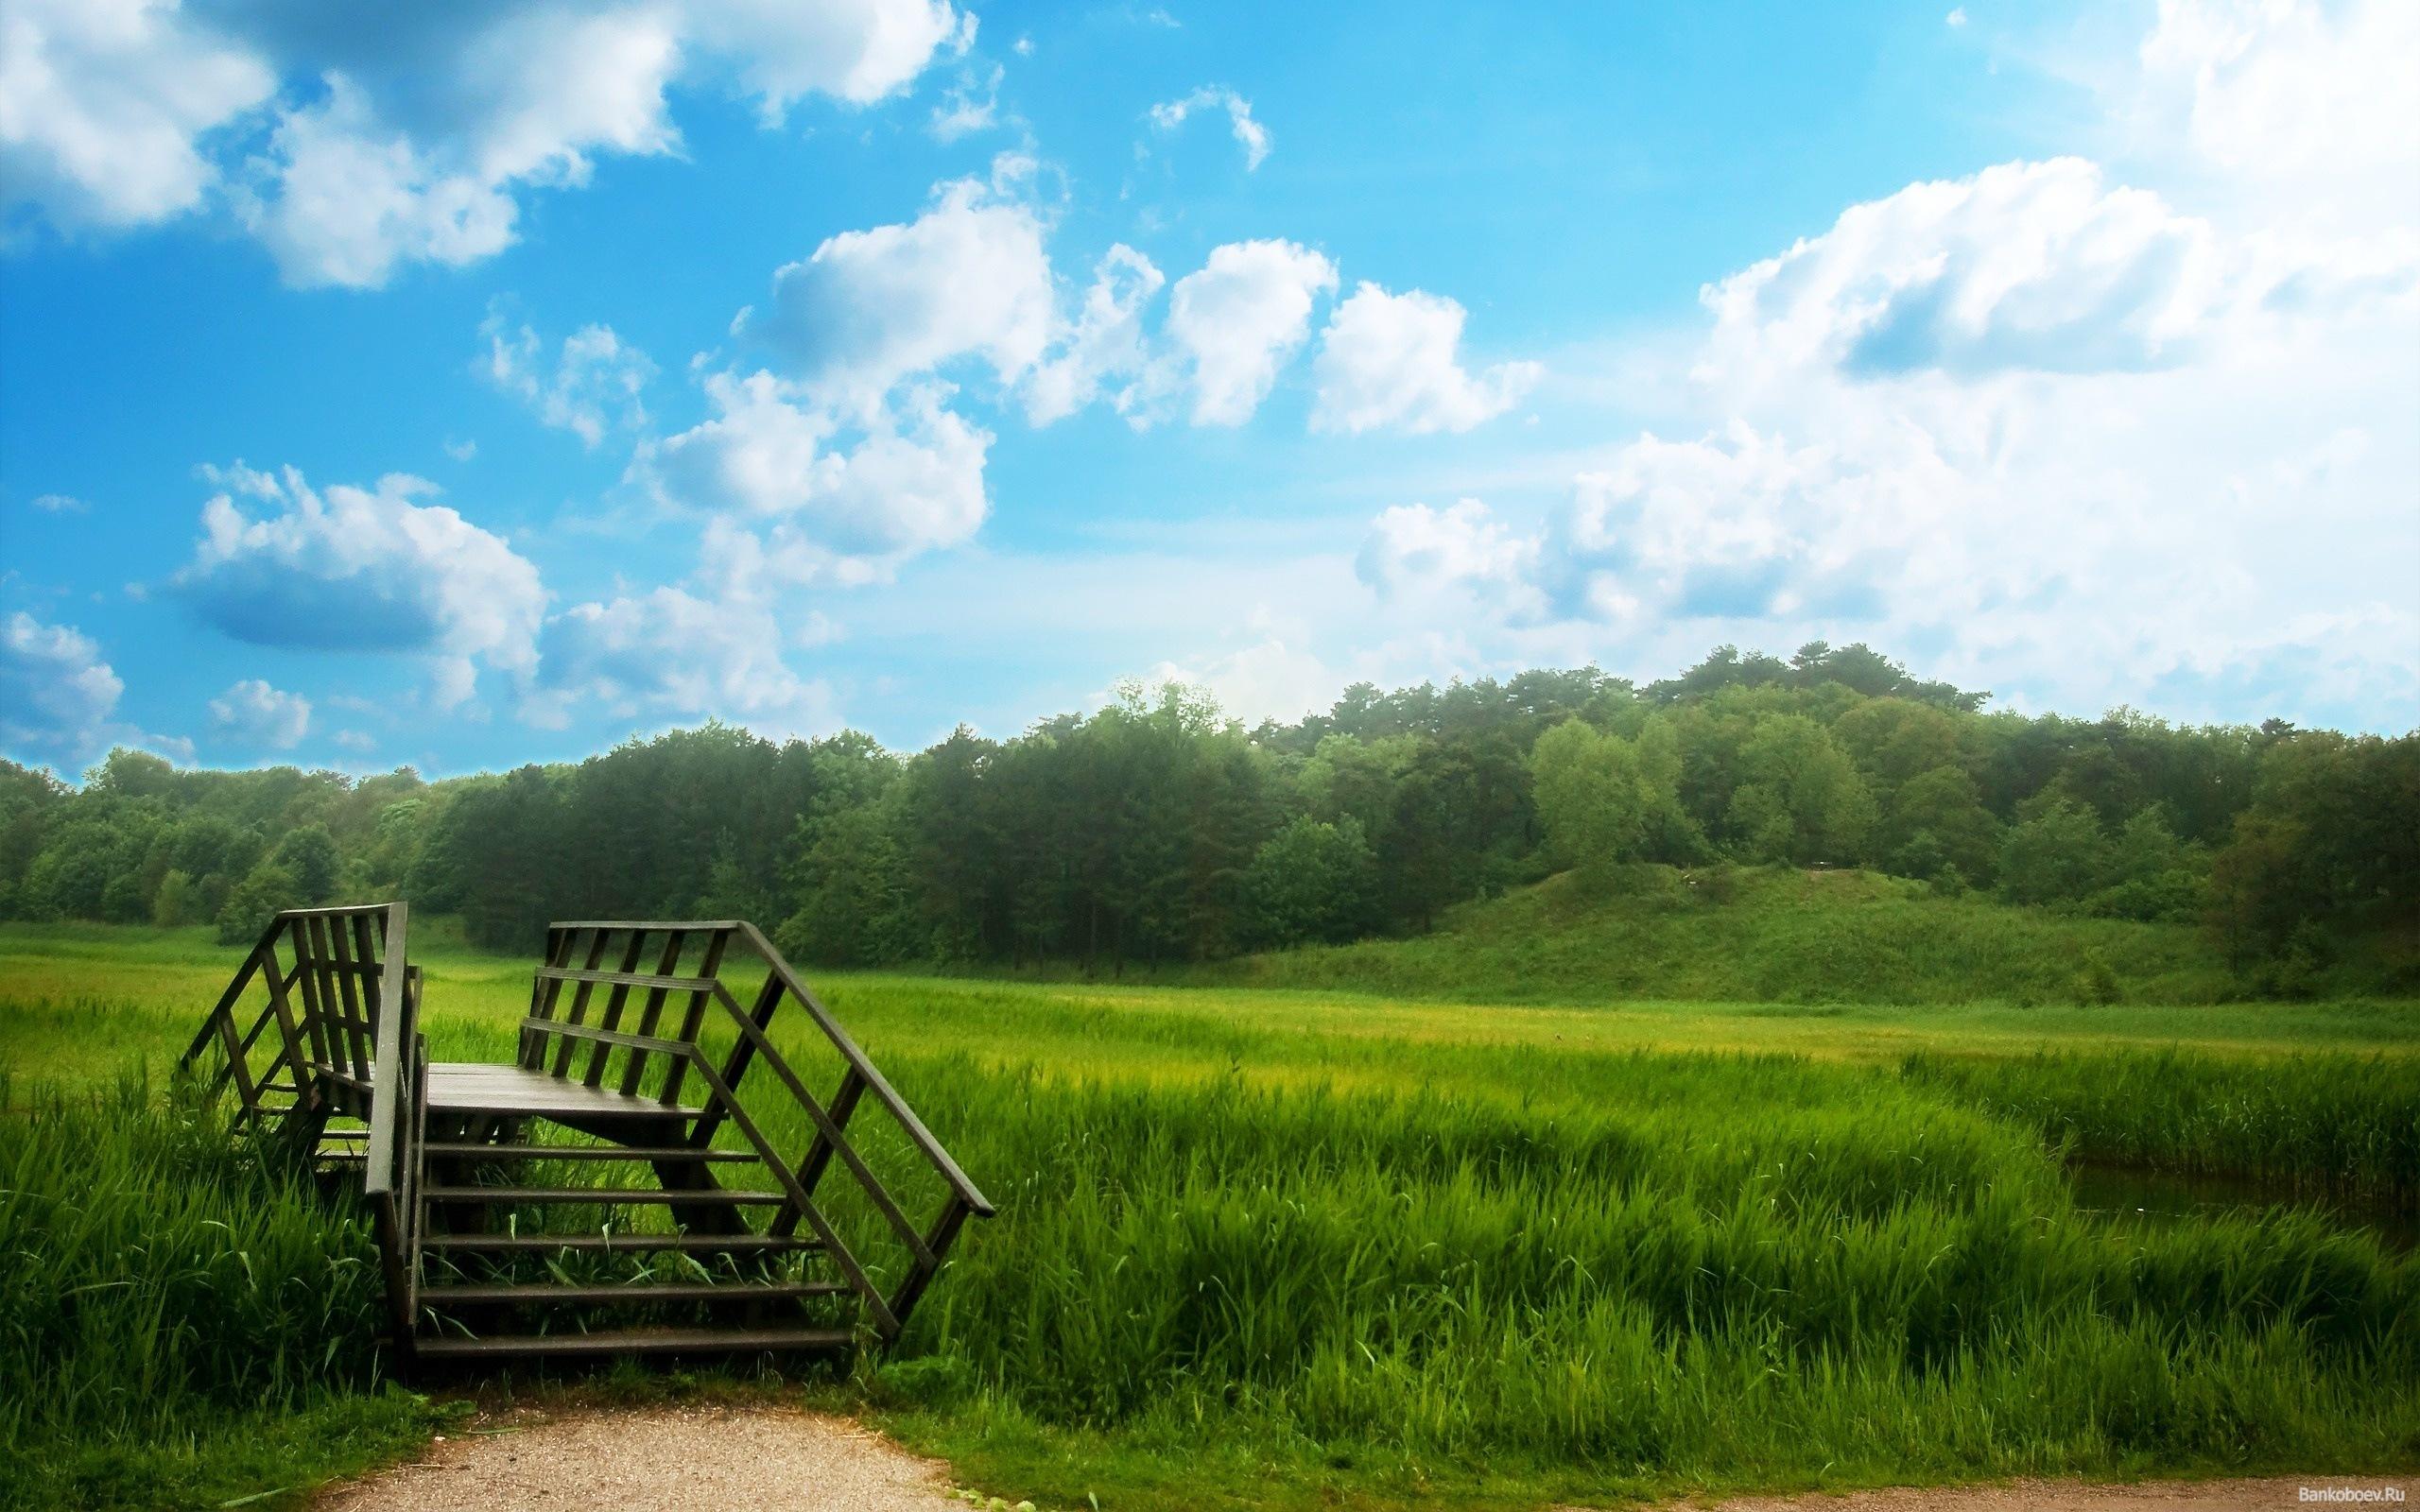 12185 скачать обои Растения, Пейзаж, Трава, Небо - заставки и картинки бесплатно